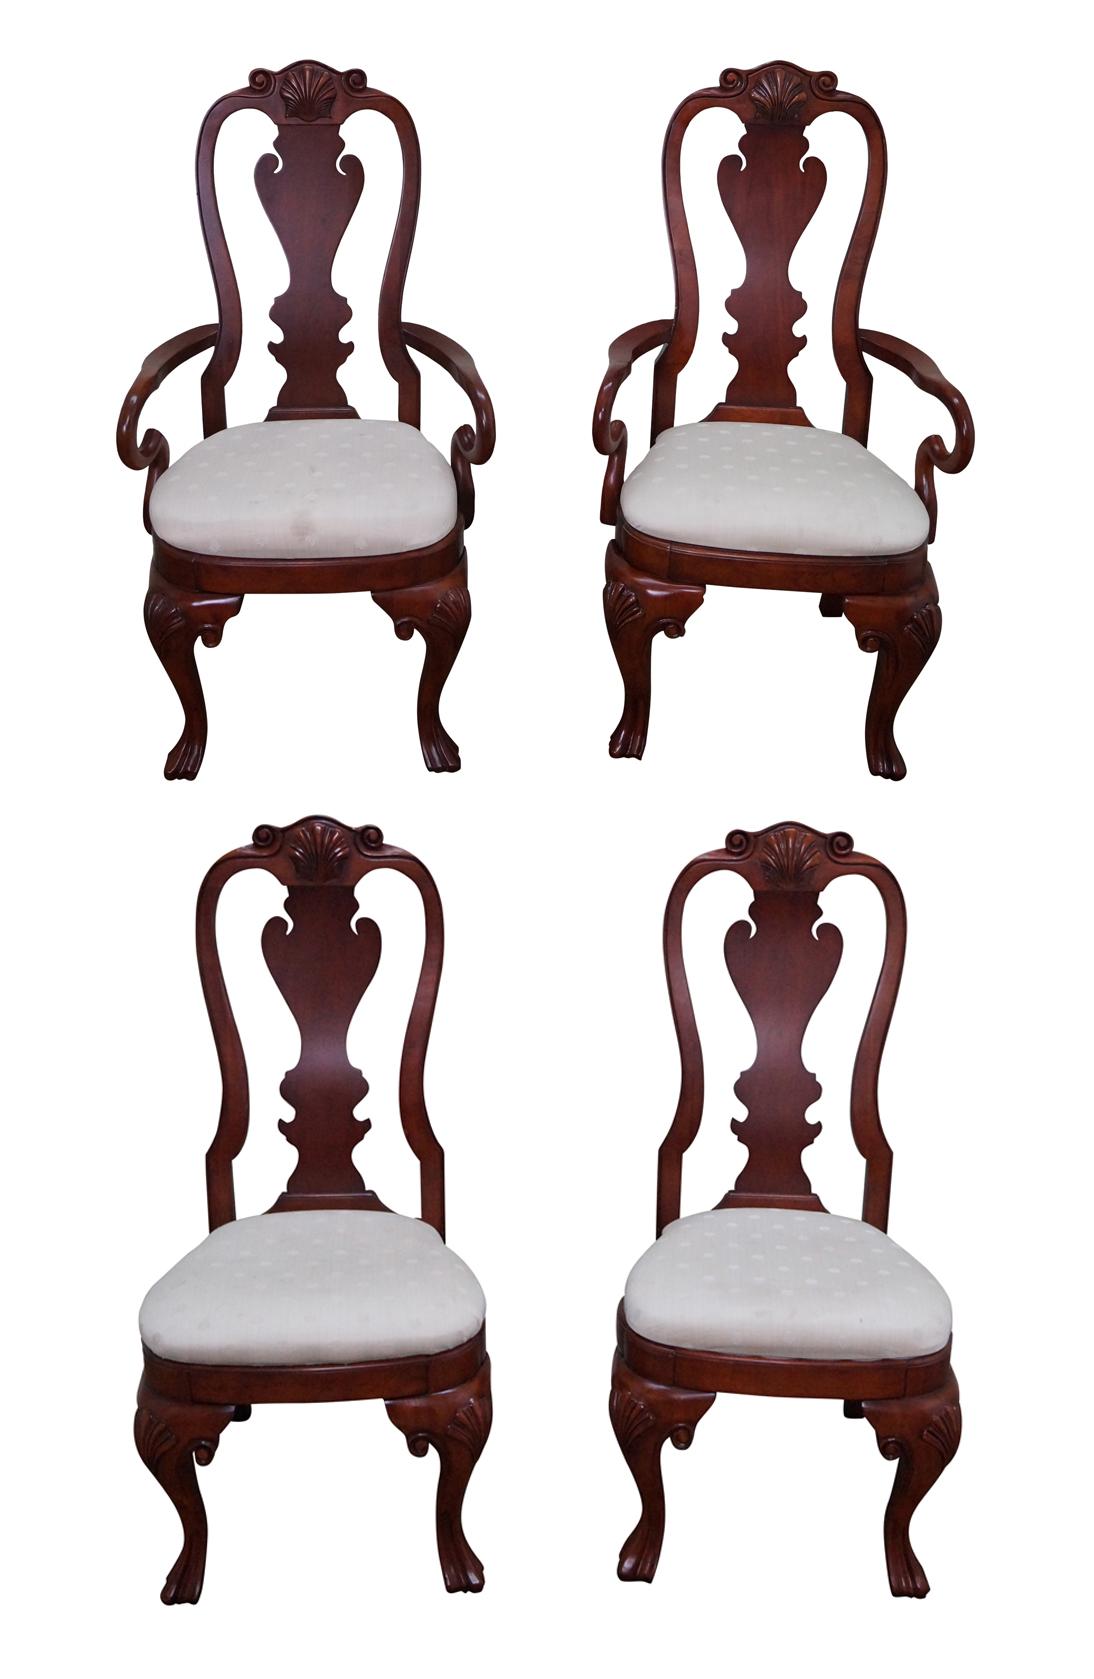 - Pulaski Antiques Roadshow Queen Anne Chairs - 4 Chairish